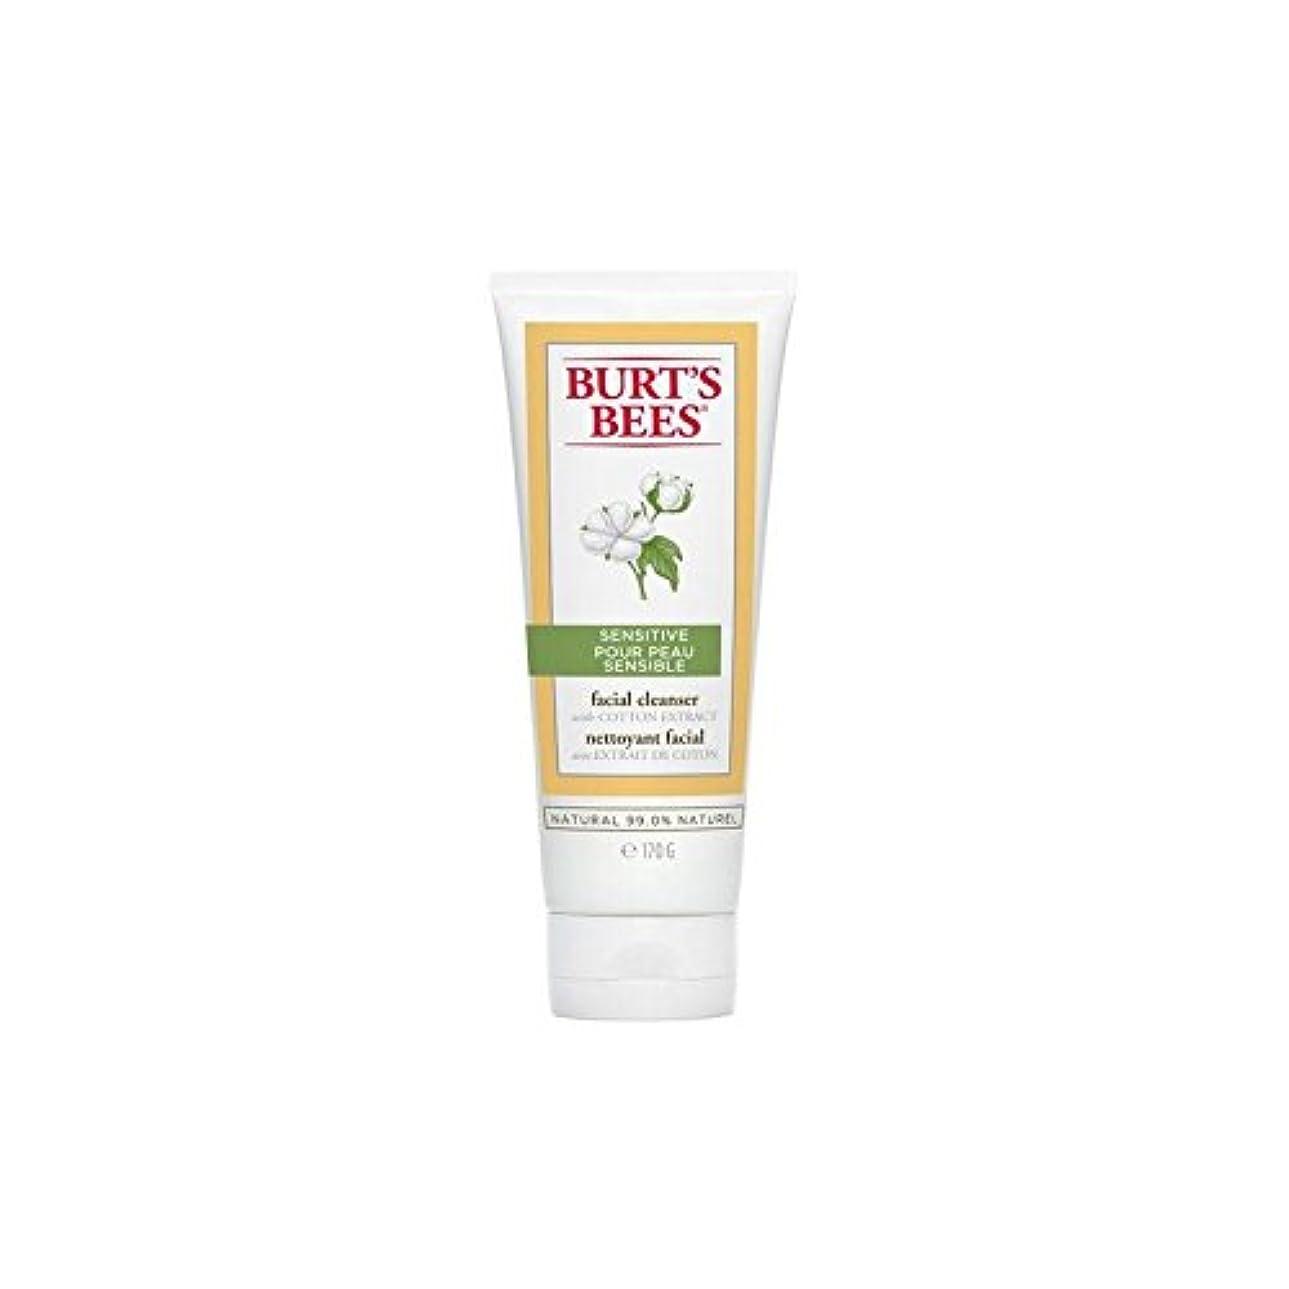 彫刻家気怠い文庫本バーツビー敏感な洗顔料の170グラム x2 - Burt's Bees Sensitive Facial Cleanser 170G (Pack of 2) [並行輸入品]